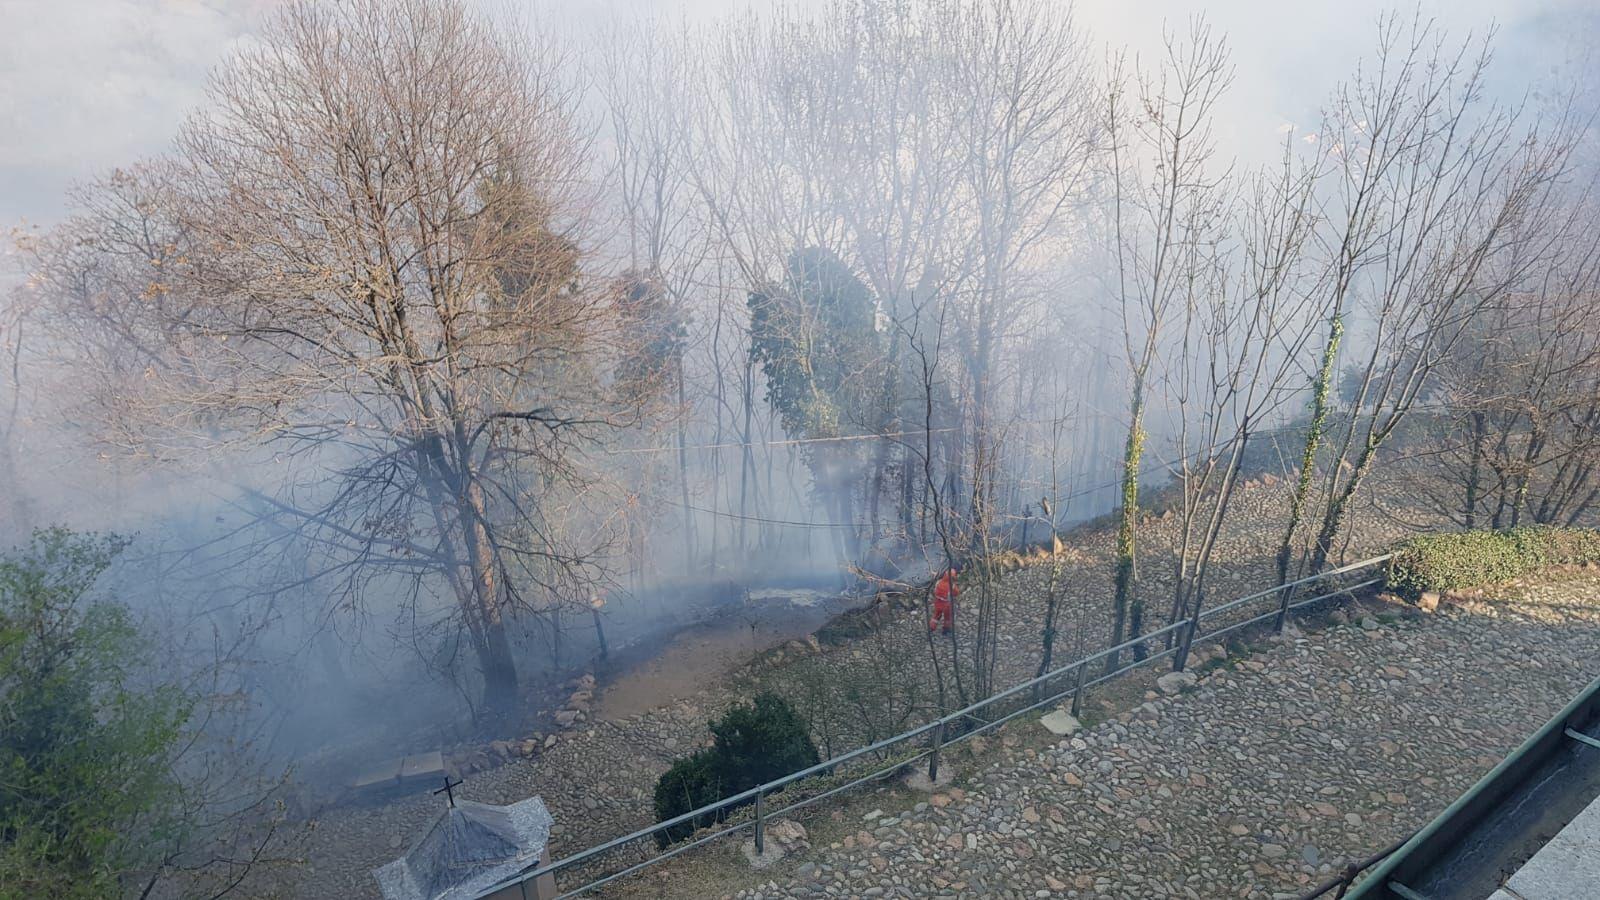 PAURA A BELMONTE - Le fiamme lambiscono il santuario e devastano l'area protetta - FOTO e VIDEO